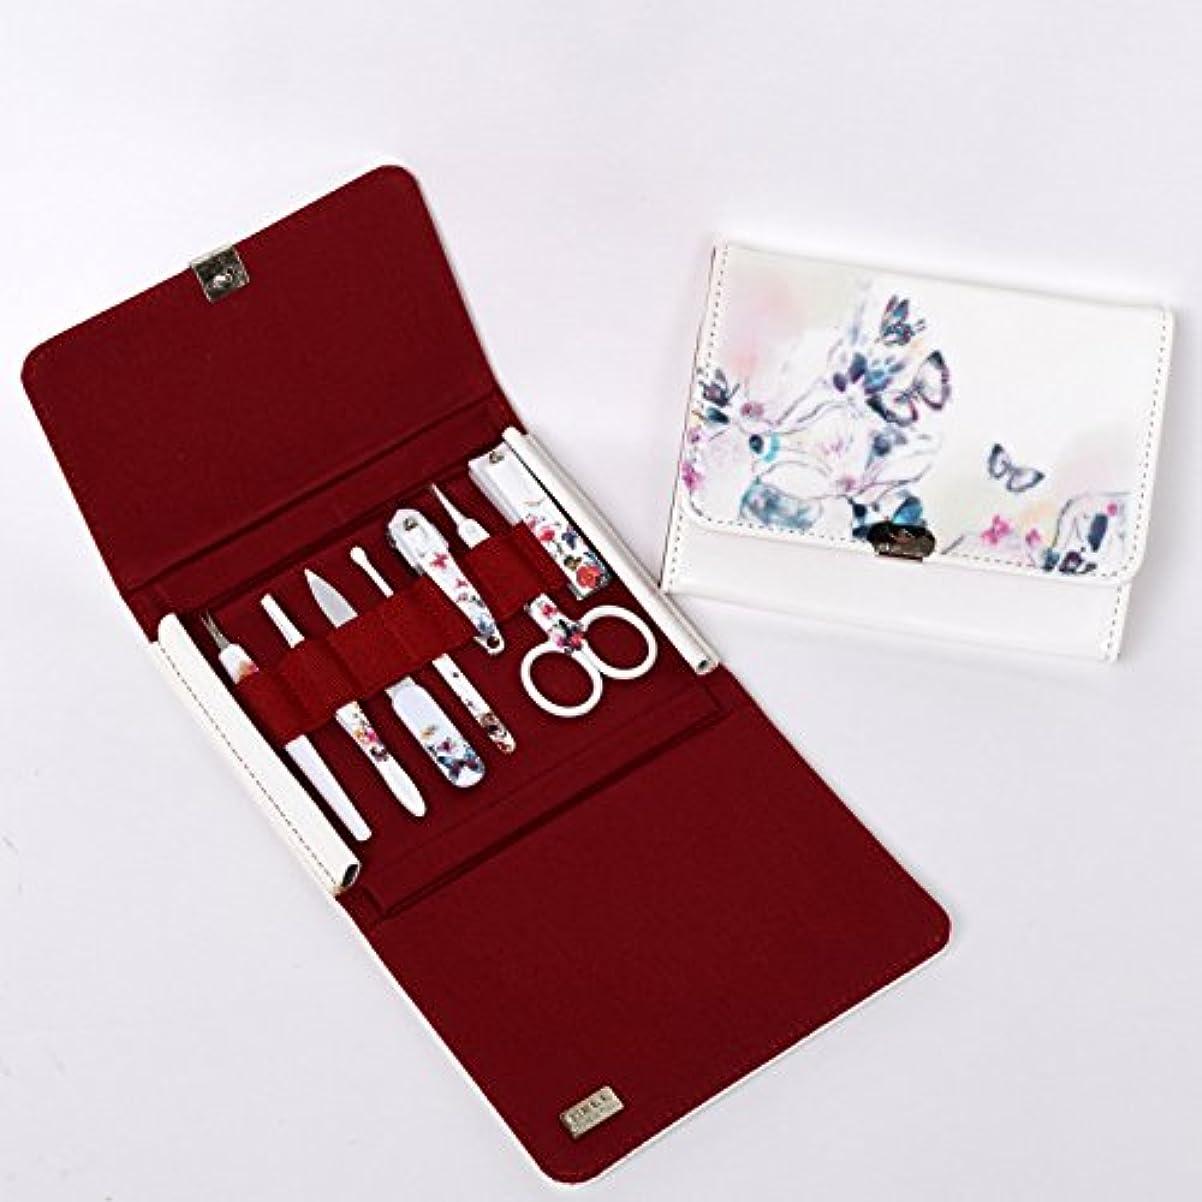 返済専らアマチュアBELL Manicure Sets BM-270 ポータブル爪の管理セット 爪切りセット 高品質のネイルケアセット高級感のある東洋画のデザイン Portable Nail Clippers Nail Care Set